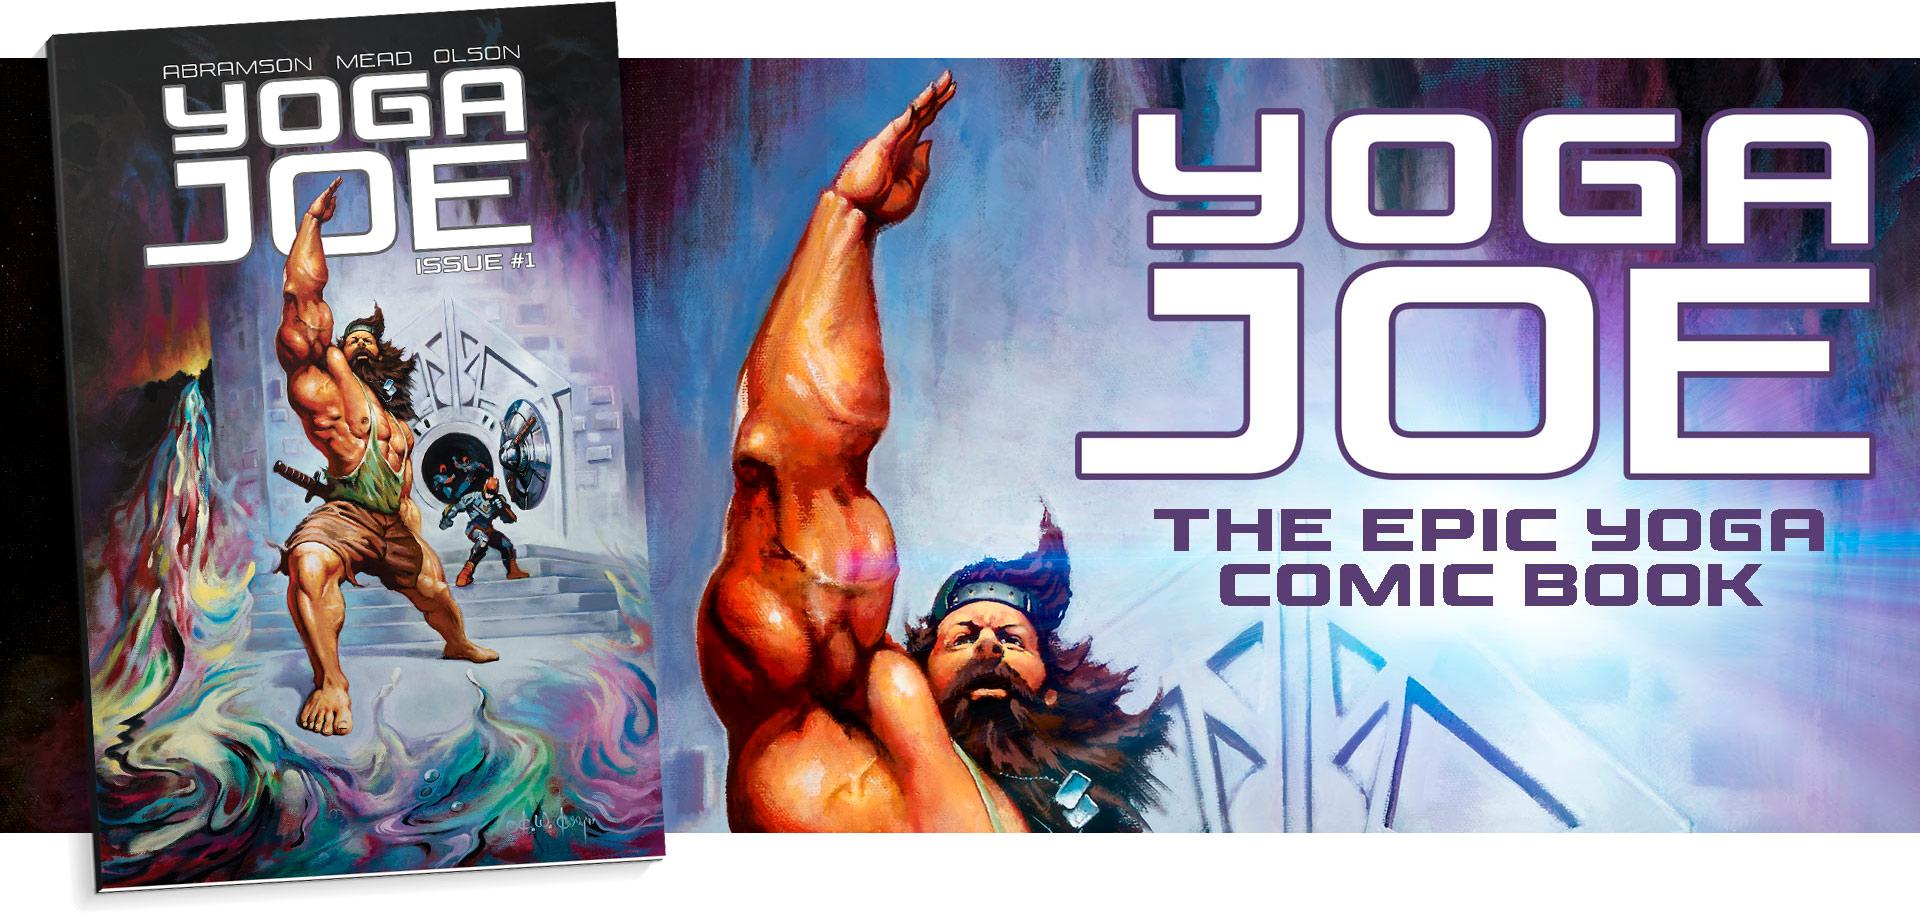 YogaJoecomic_website_topper_DA6.jpg